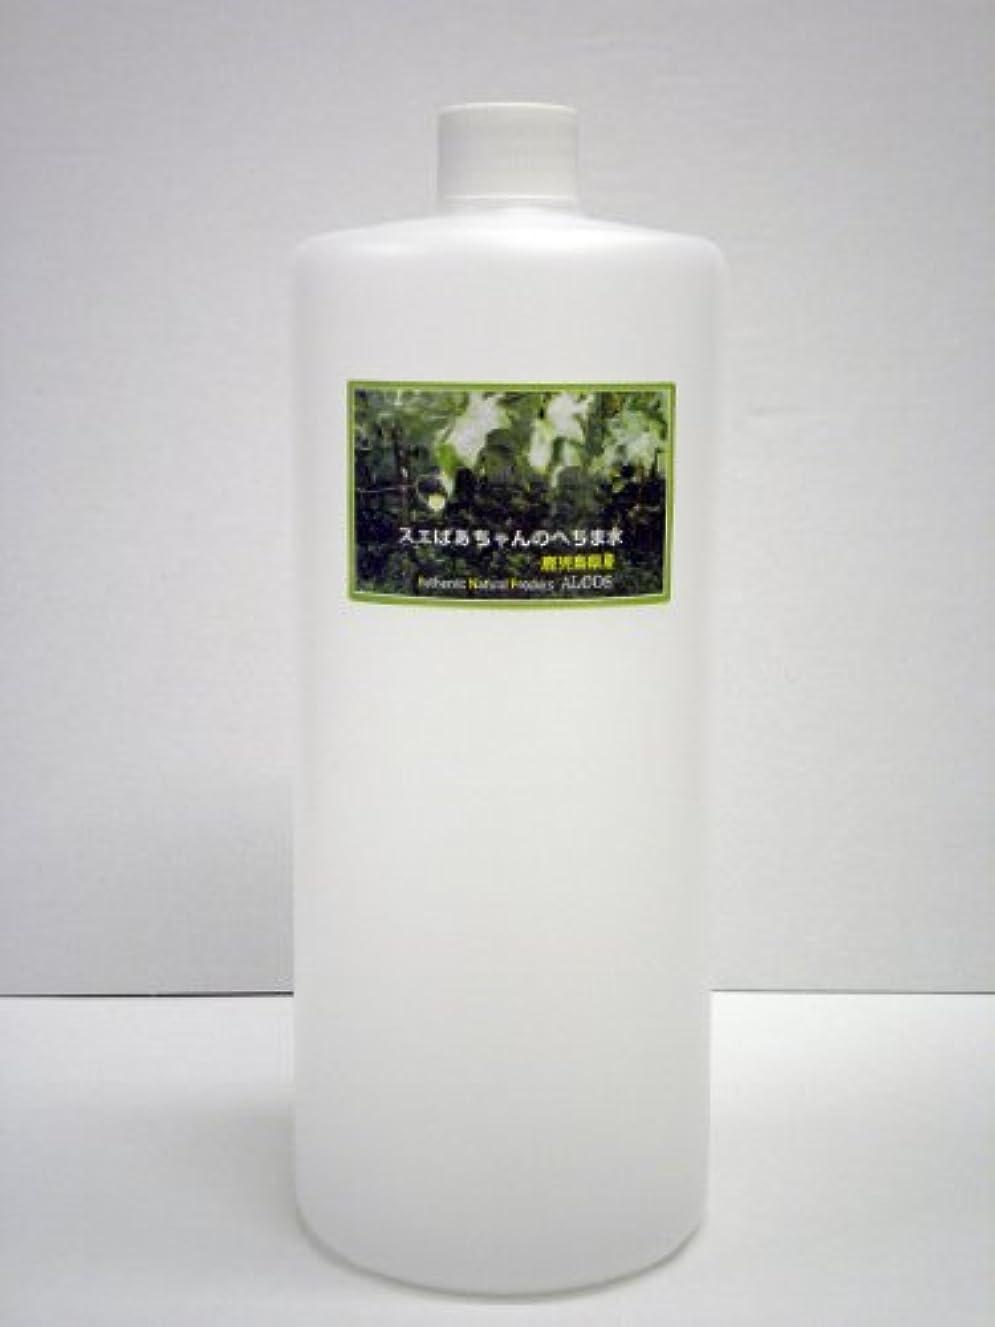 ケーブルたとえはがきスエばあちゃんのへちま水(容量1000ml)鹿児島県産?有機栽培(無農薬) ※完全無添加オーガニックヘチマ水100% ※商品のラベルはスエばあちゃんのへちま畑の写真です。ALCOS(アルコス) 天然へちま水 [1000]